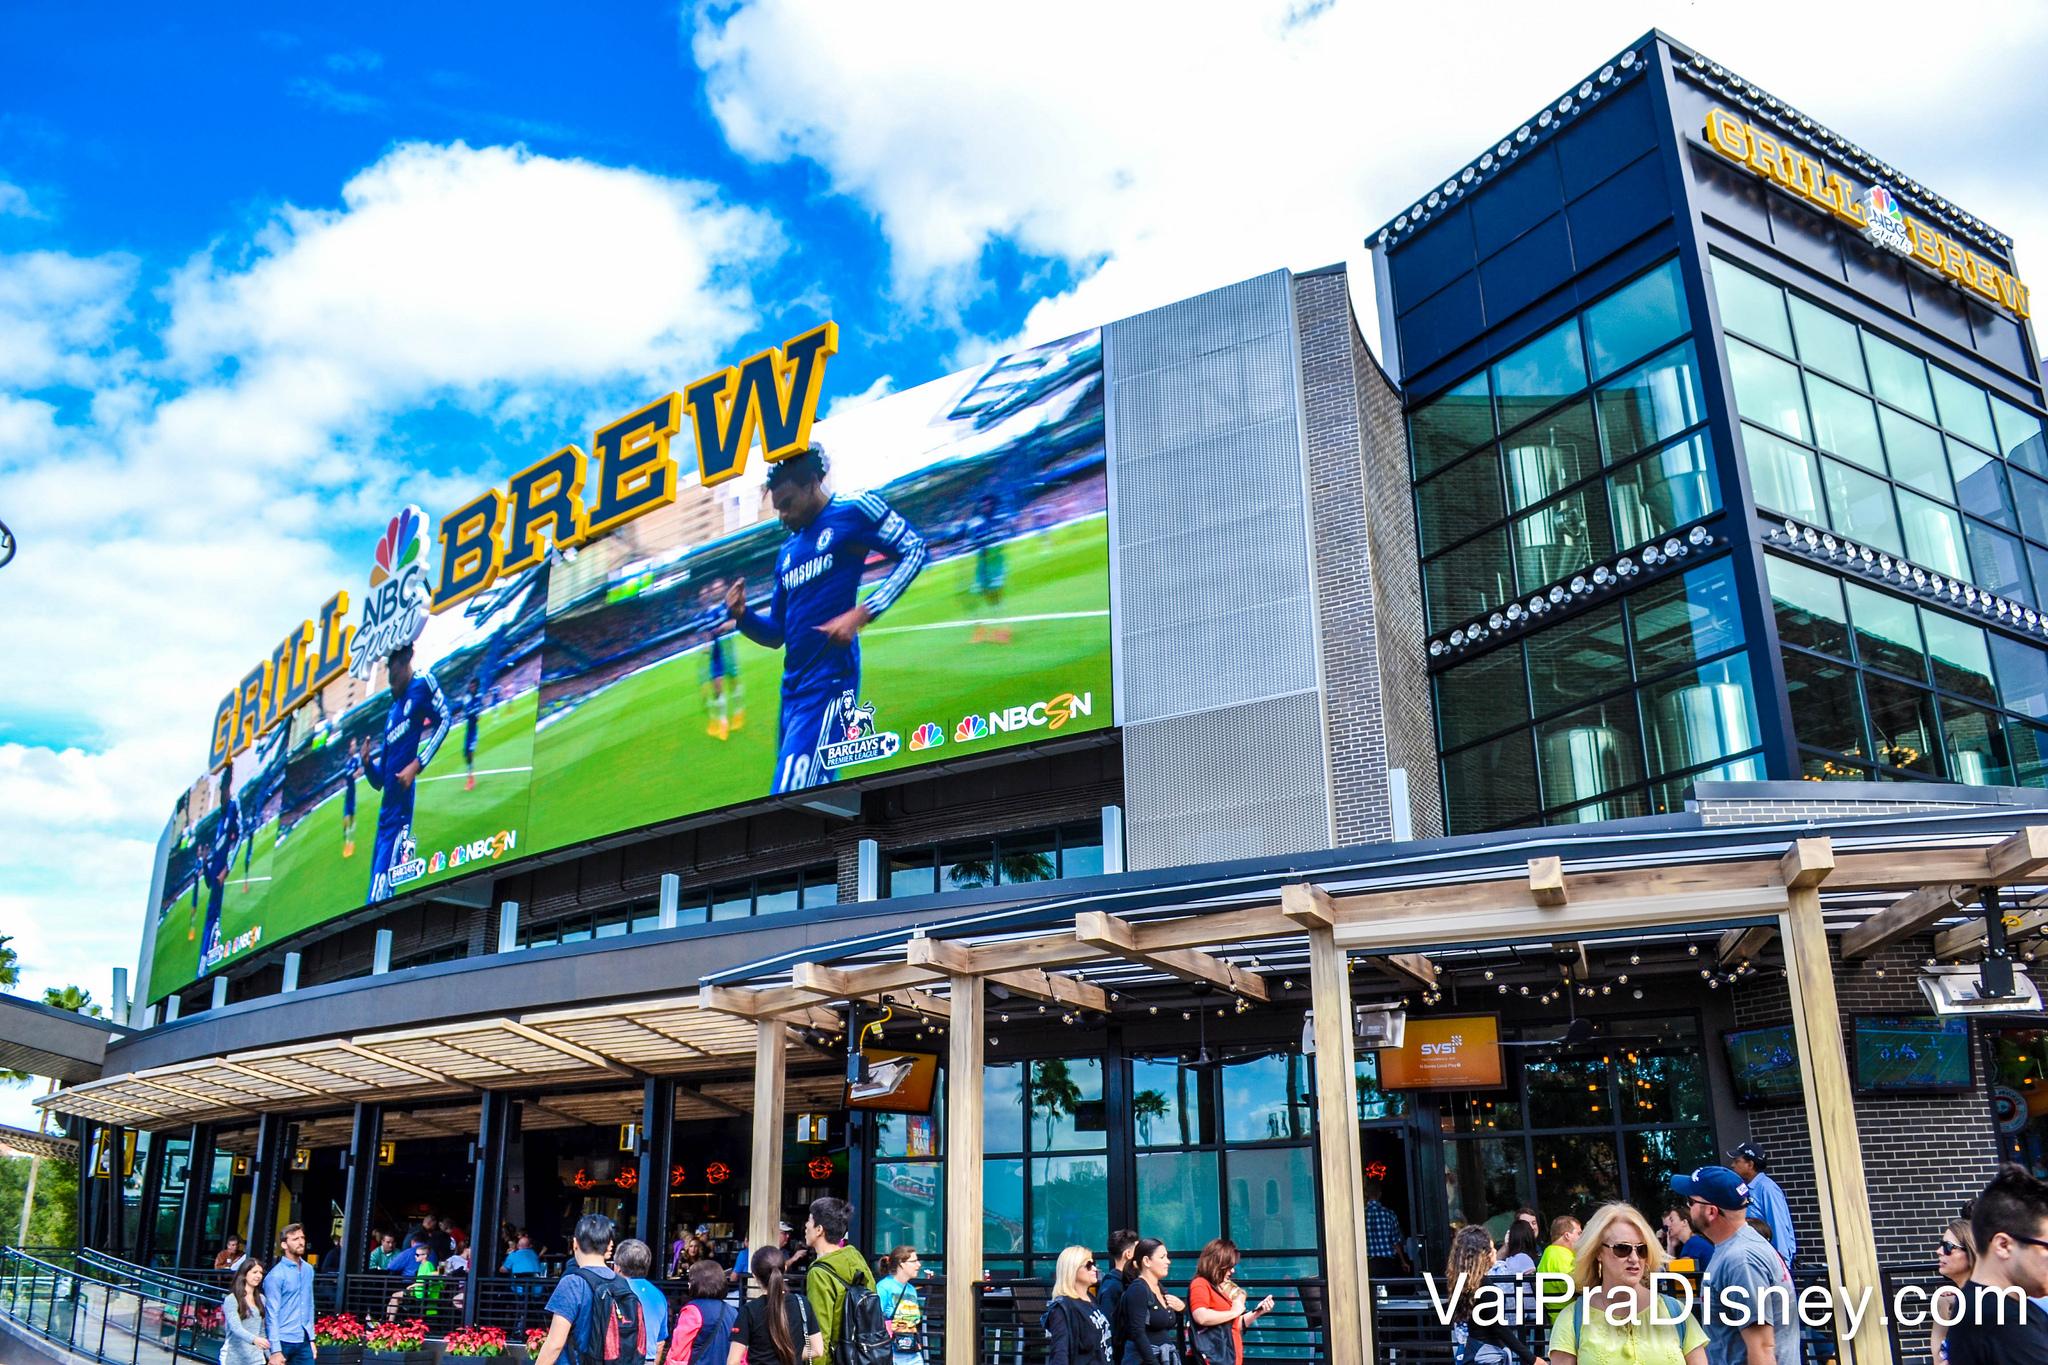 Foto do exterior do restaurante NBC Sports Grill & Brew, com tema de esportes